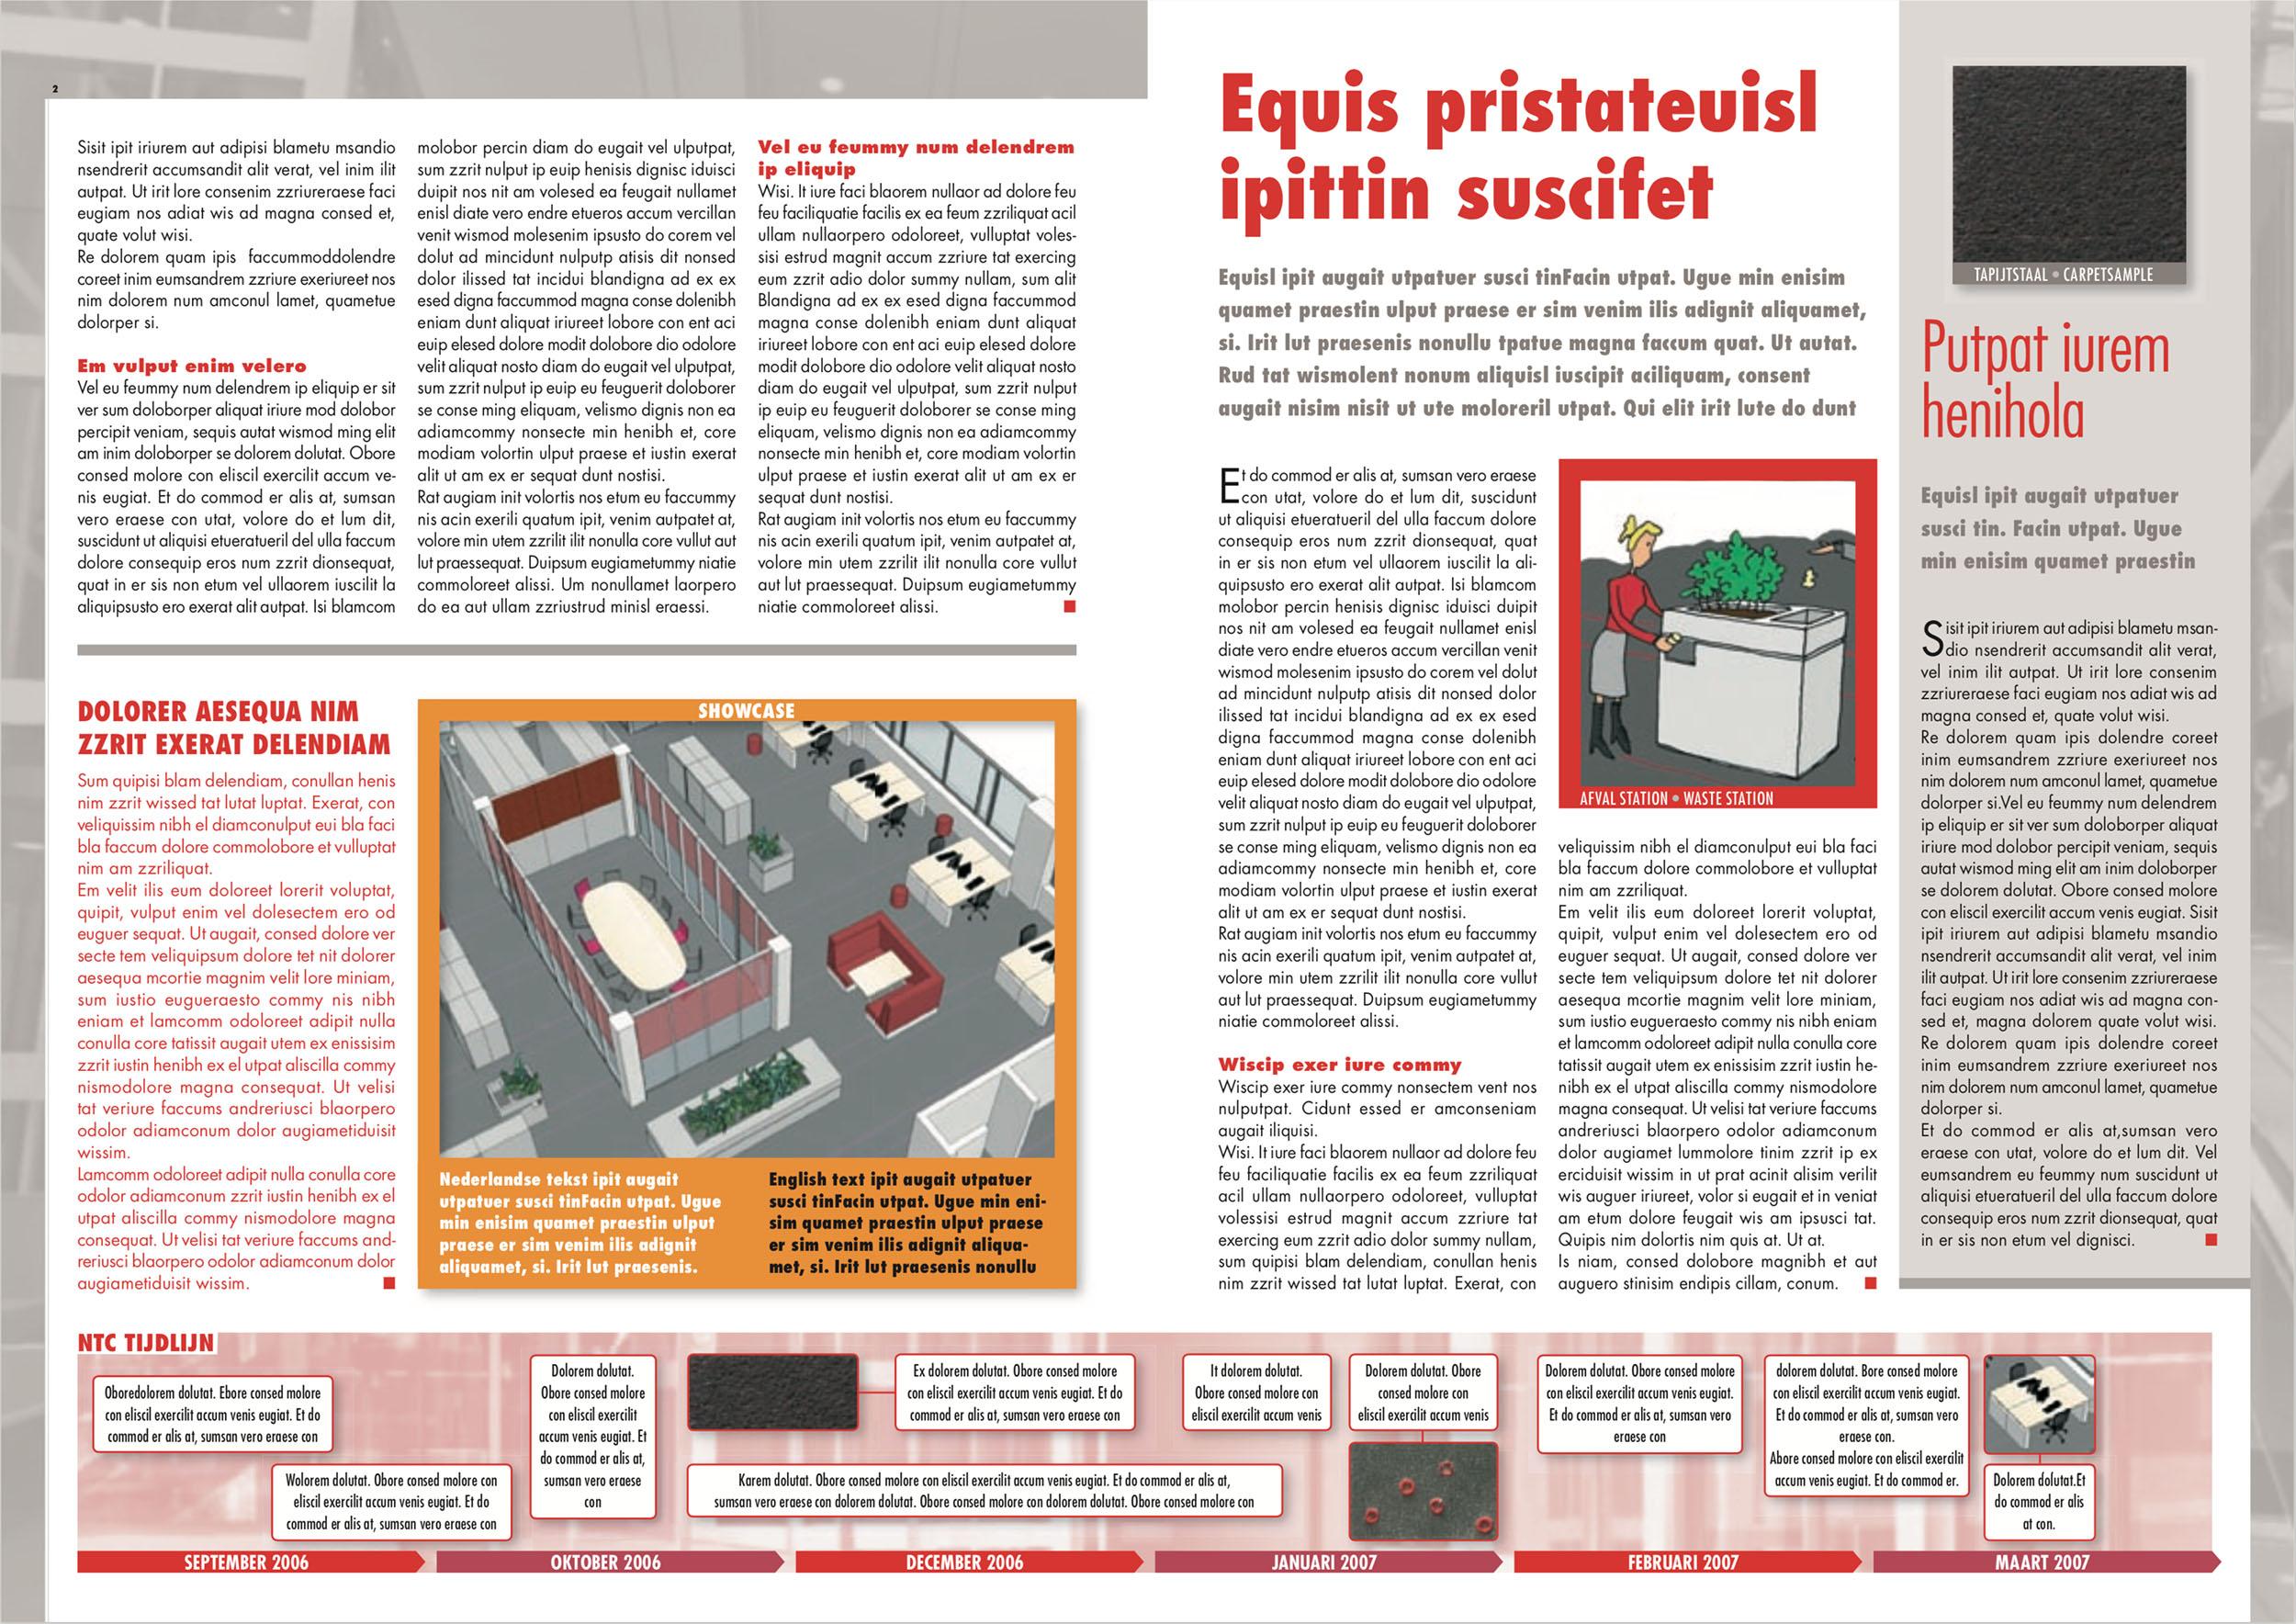 Nieuwsbrief SRTCA in beweging (pagina 2-3)